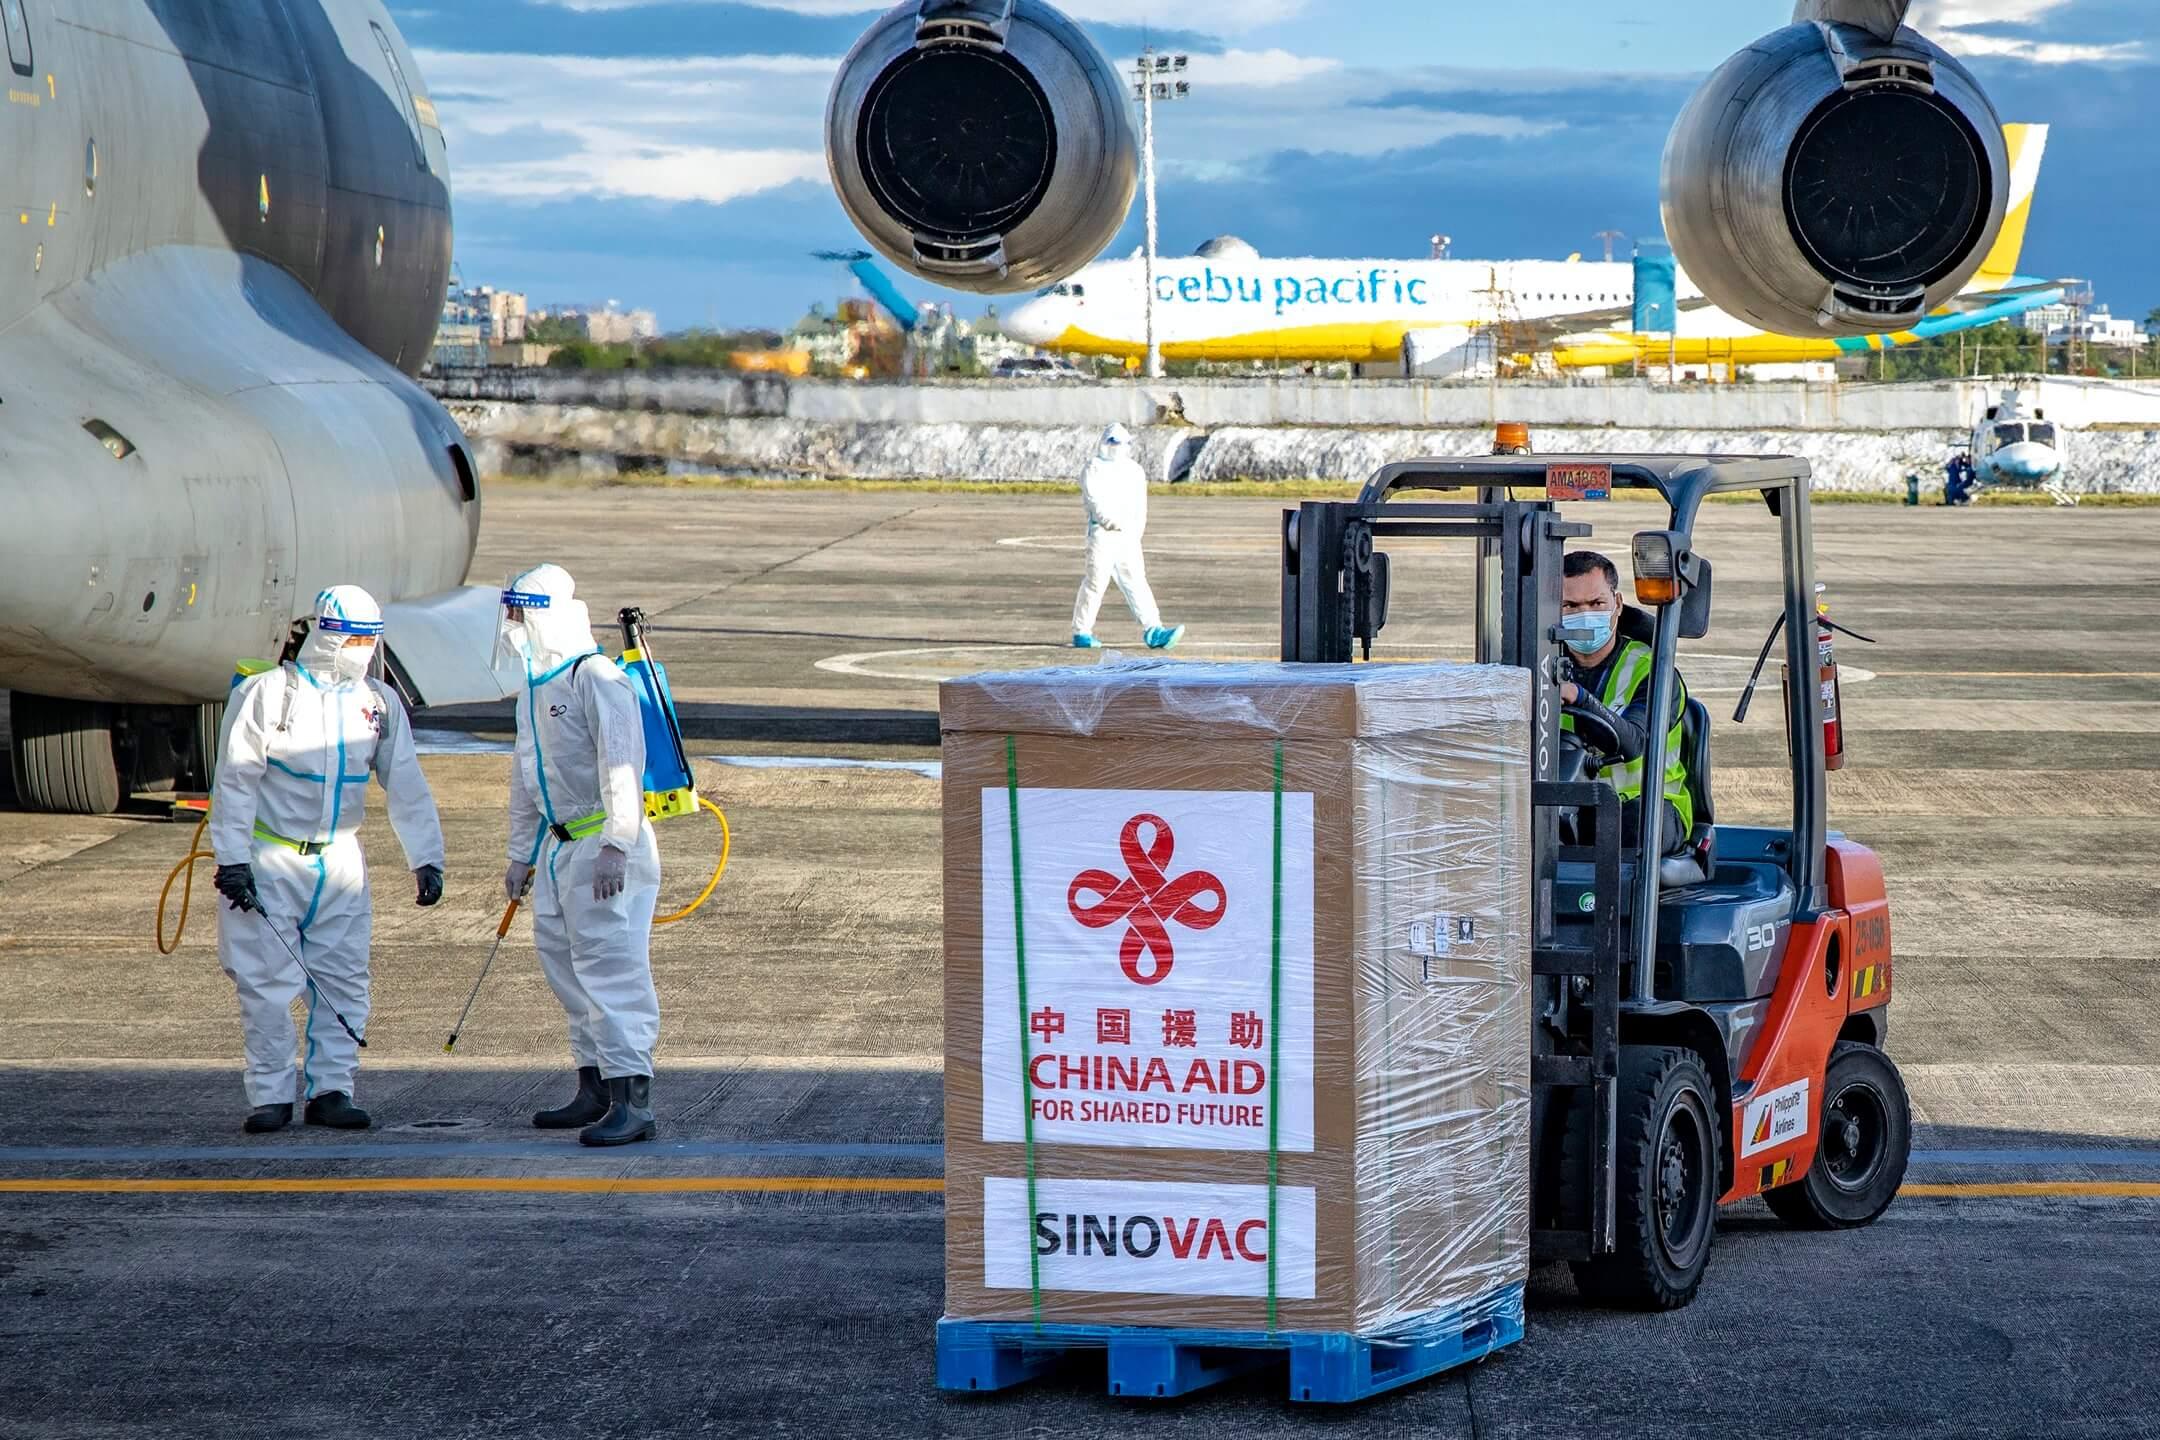 2021年2月28日菲律賓馬尼拉,科興疫苗抵達尼諾伊阿基諾國際機場,從中國空軍飛機上卸下。 攝:Ezra Acayan/Getty Images